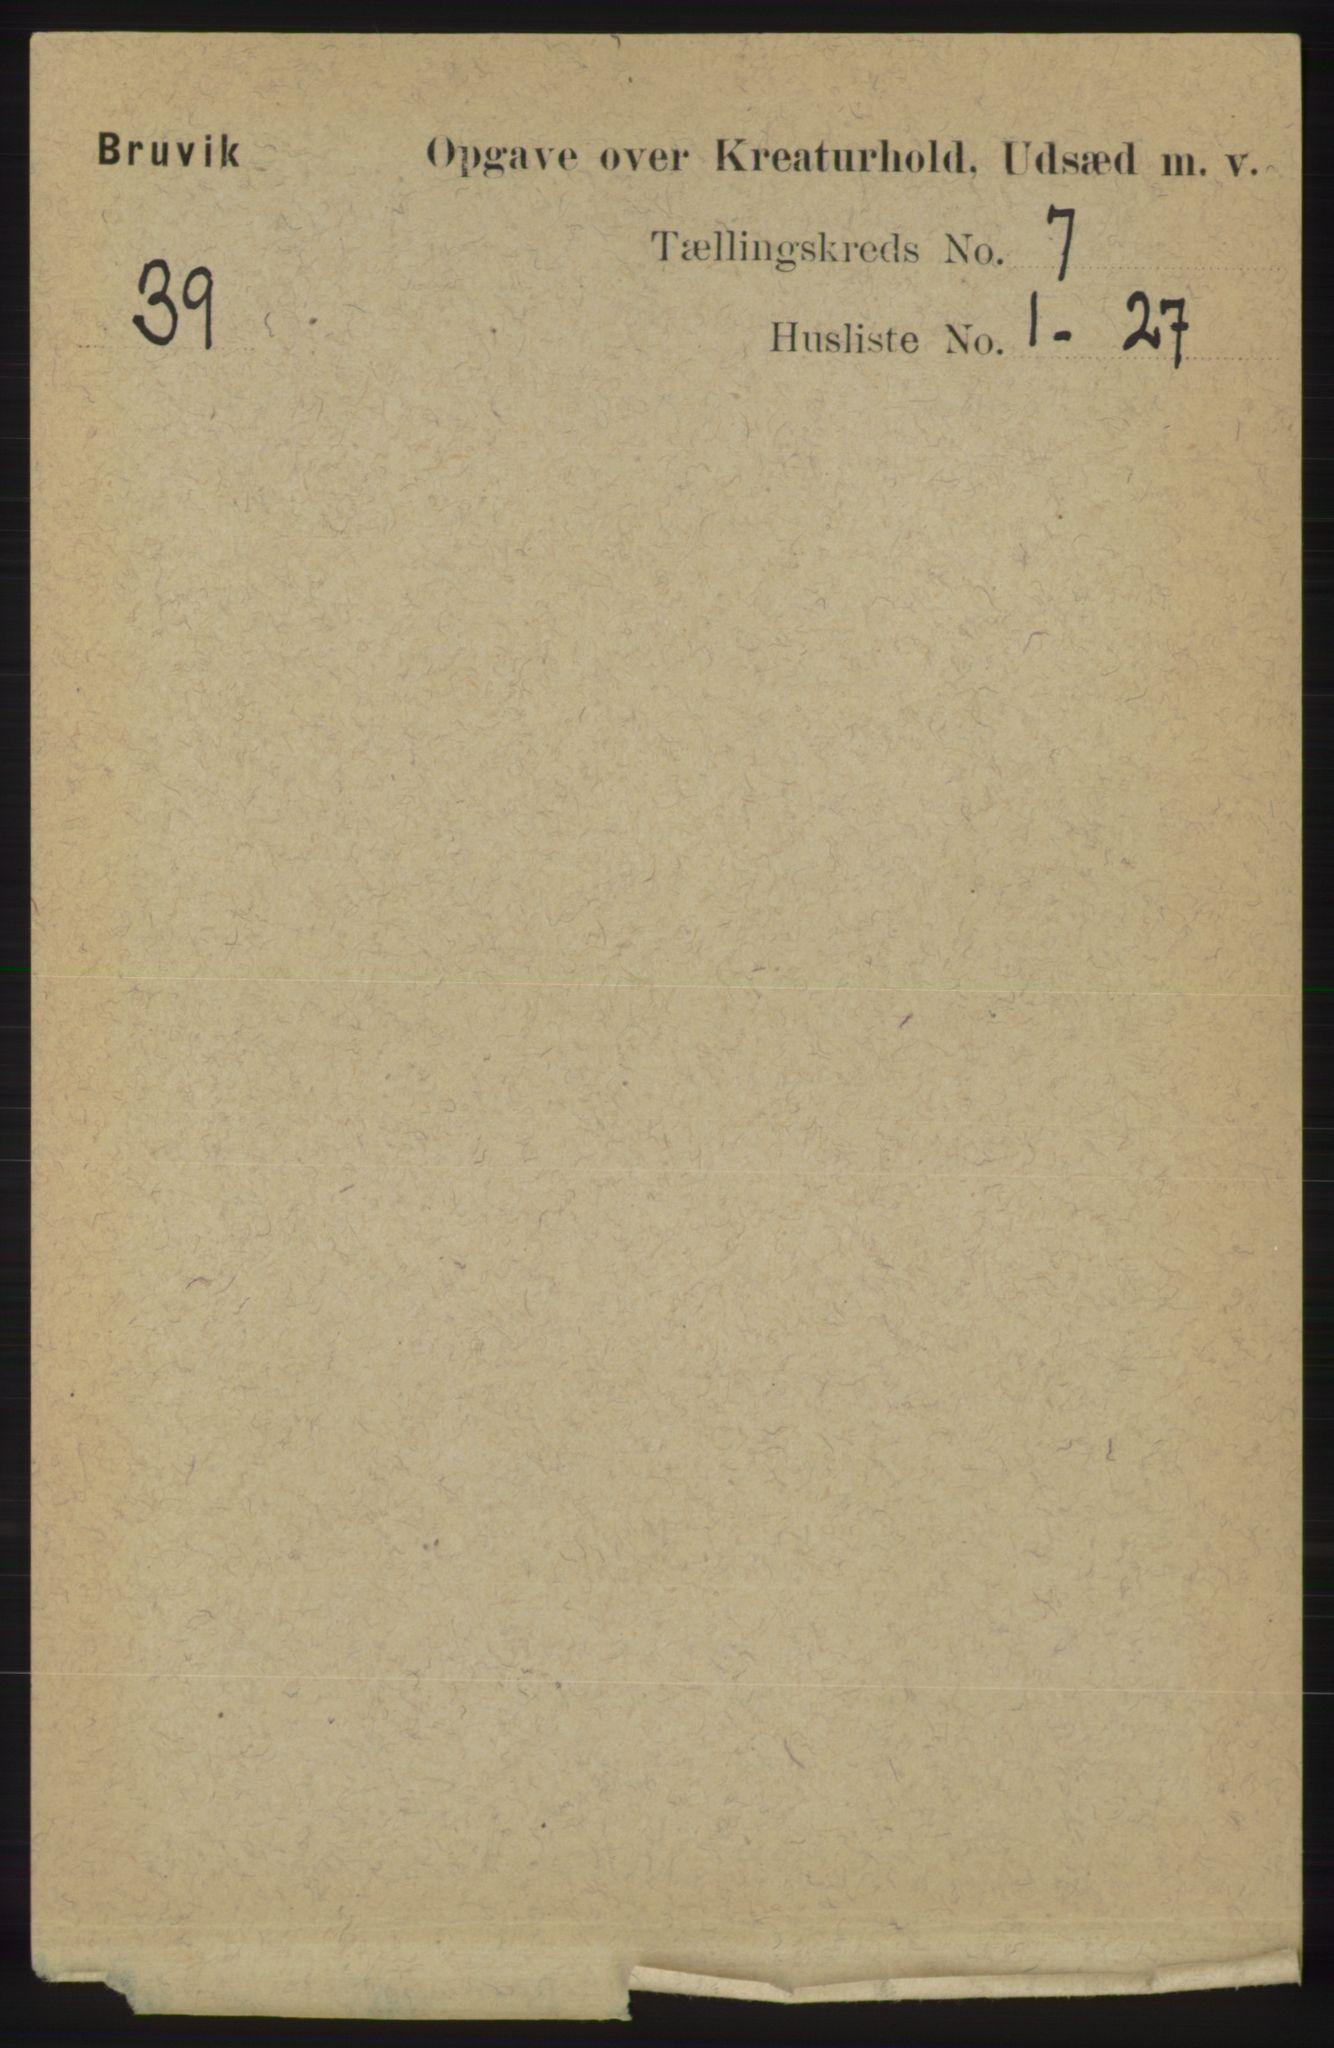 RA, Folketelling 1891 for 1251 Bruvik herred, 1891, s. 4628